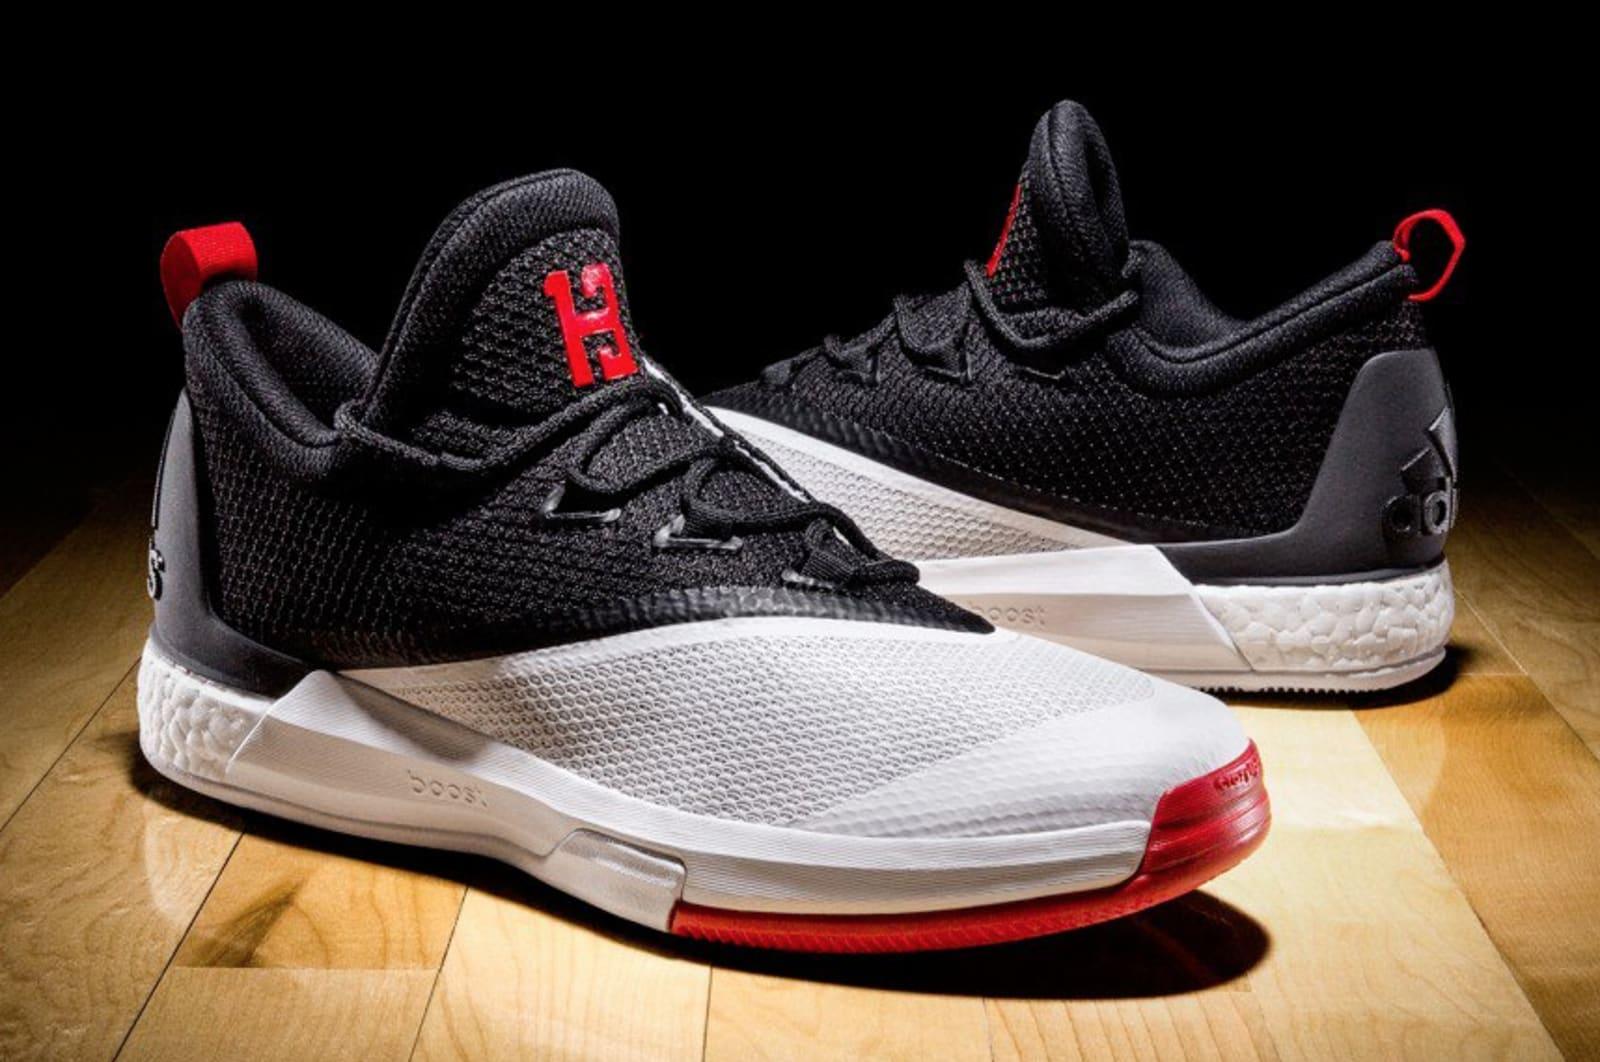 0e3f0fd1fad3 Nike Air Max 98 x Supreme Release Date - Release Roundup  The ...